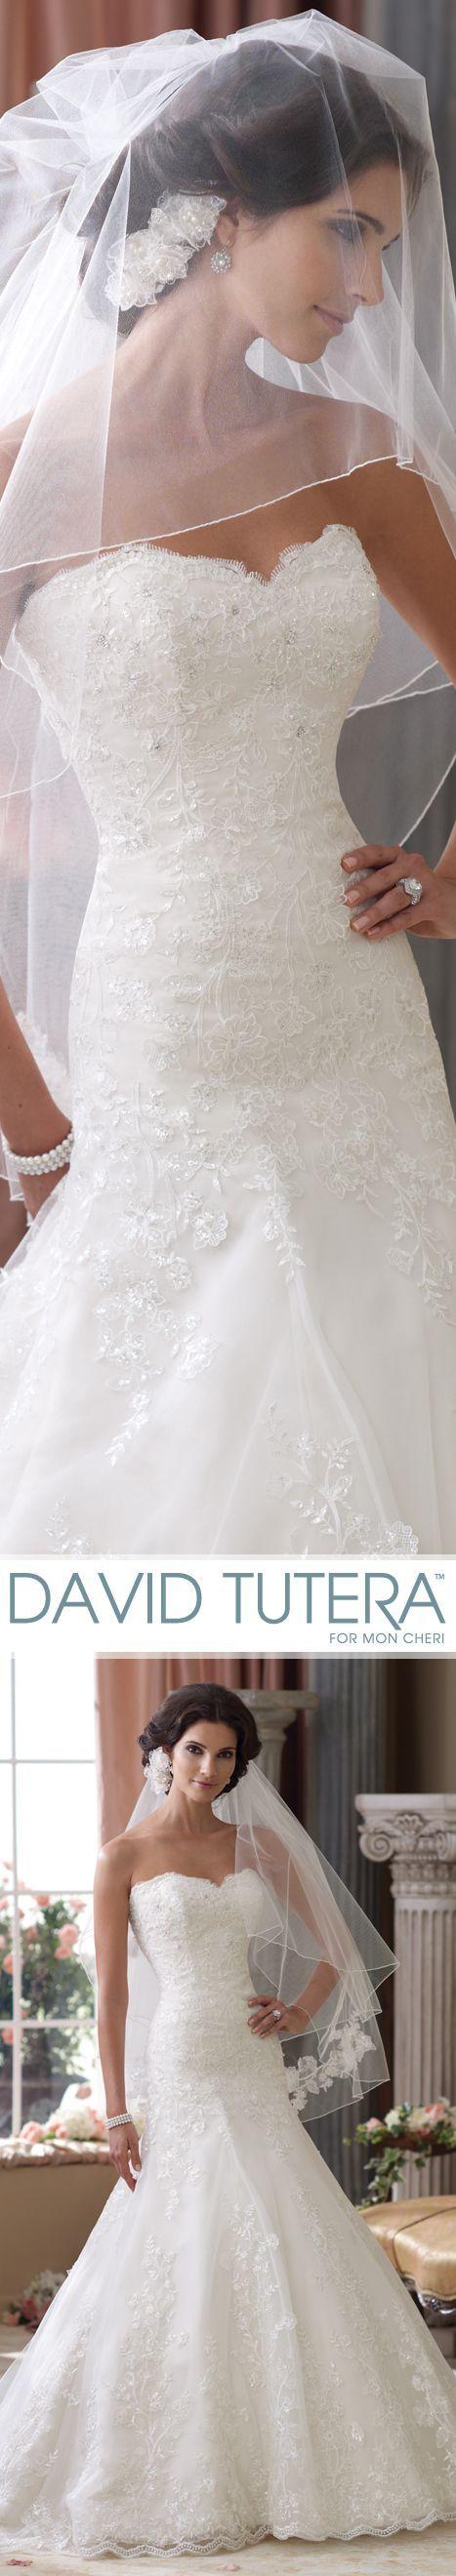 Style No. 114283 ~ Gretna Wedding Dresses 2014 Collection – Apuesta por un recogido con una tiara baja y sobre ello un velo. Otra opción diferente!: